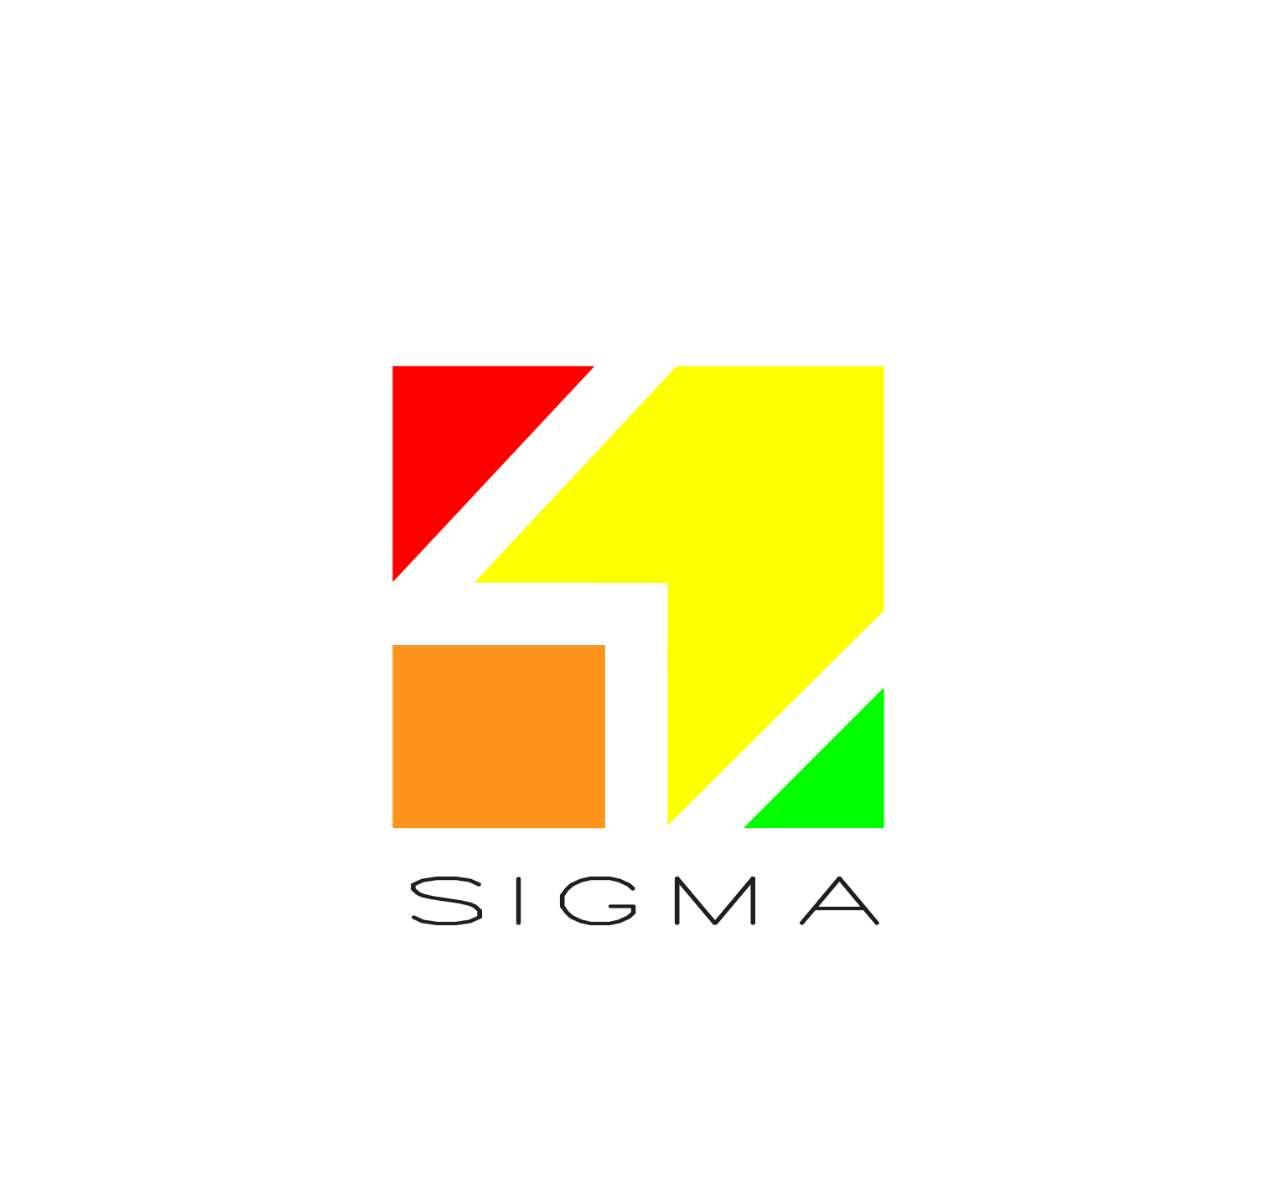 中队 logo设计图